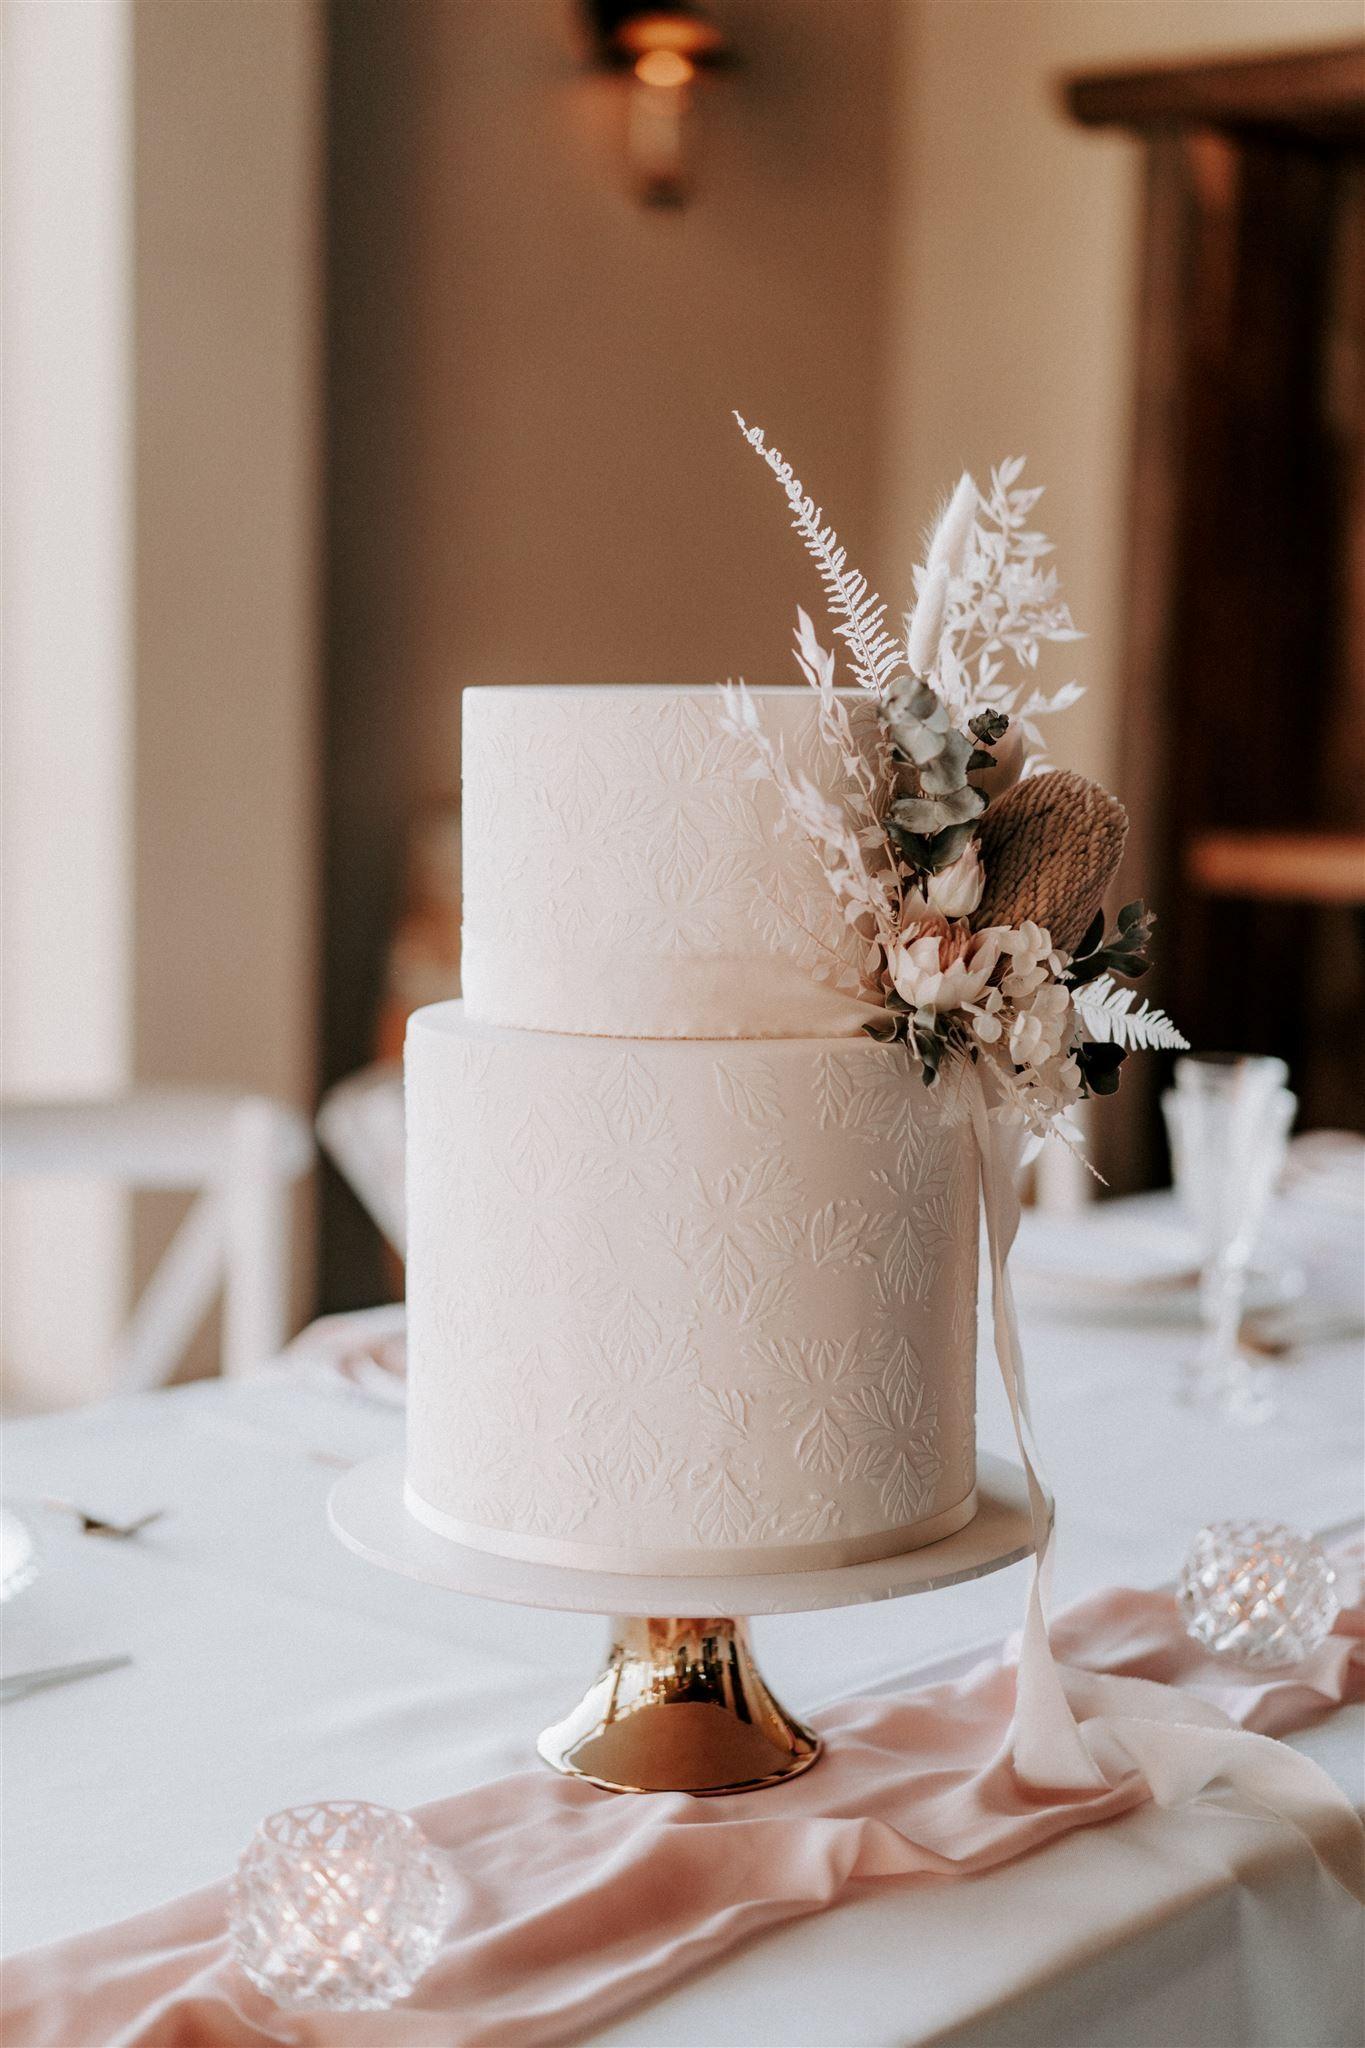 luke middlemiss photography sunshine coast wedding cakes